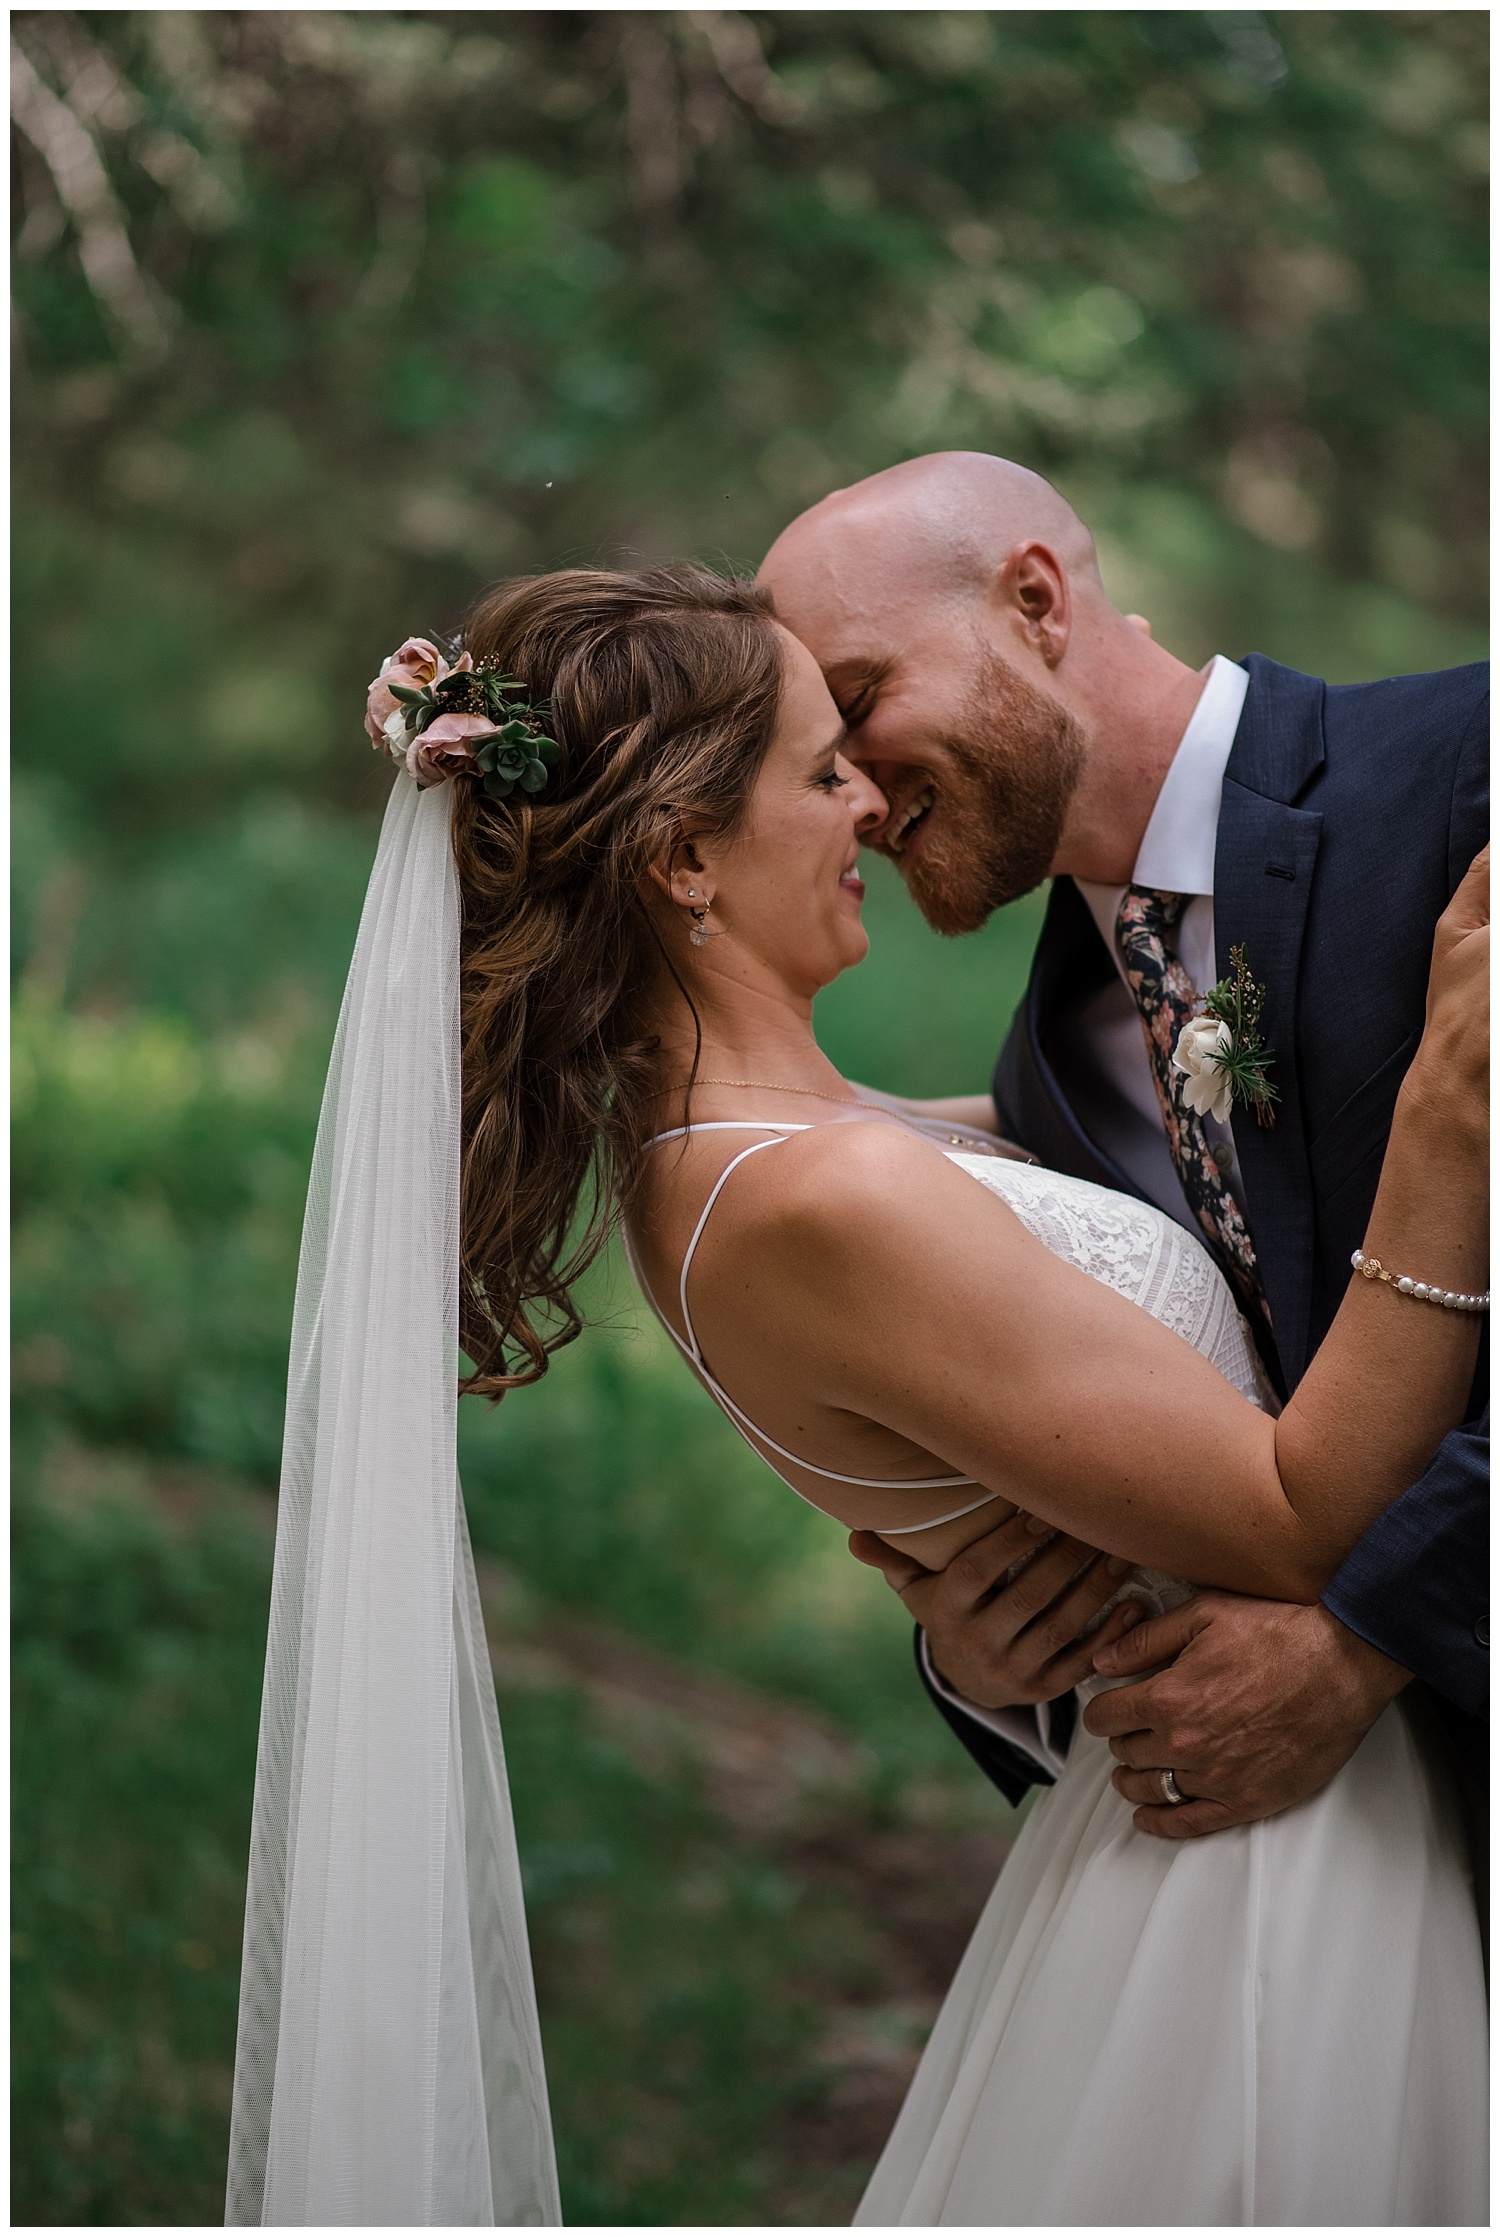 bride and groom portraits at Beaver Ranch in Conifer Colorado, Colorado Wedding Photographer, Rocky Mountain Wedding Photographer, Intimate Colorado Wedding